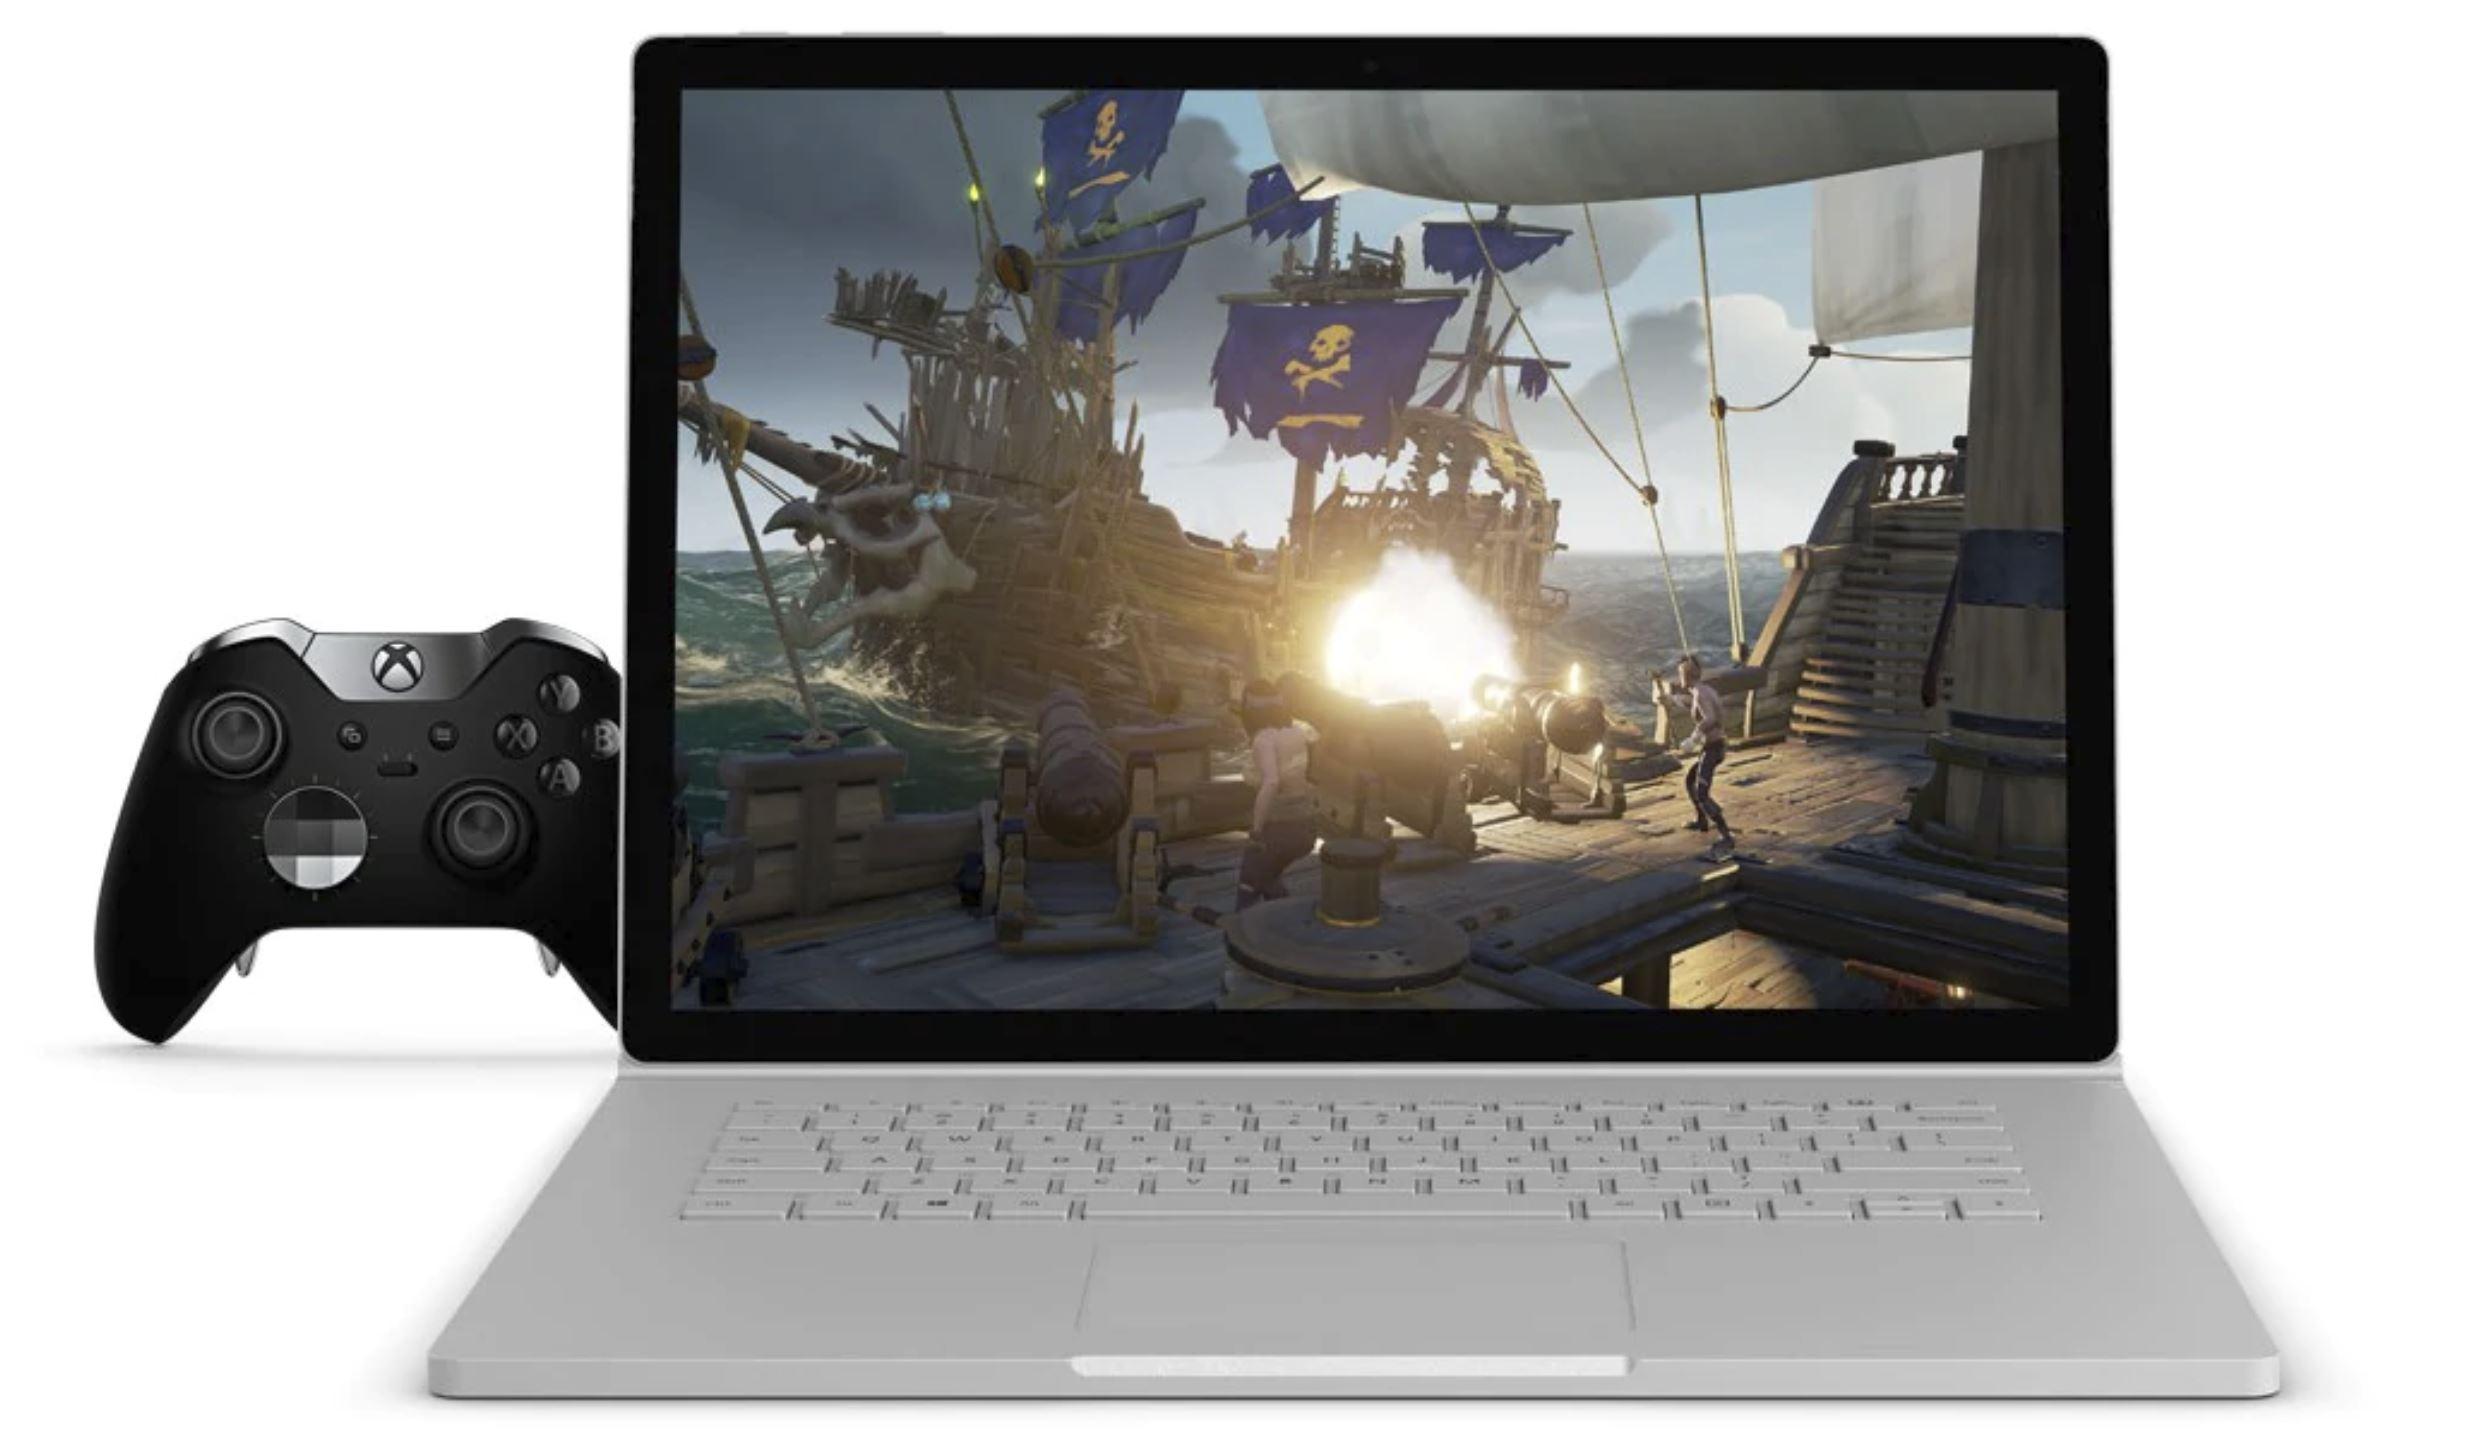 מיקרוסופט תקיים אירוע ב-2 באוקטובר; תציג מחשבי Surface חדשים